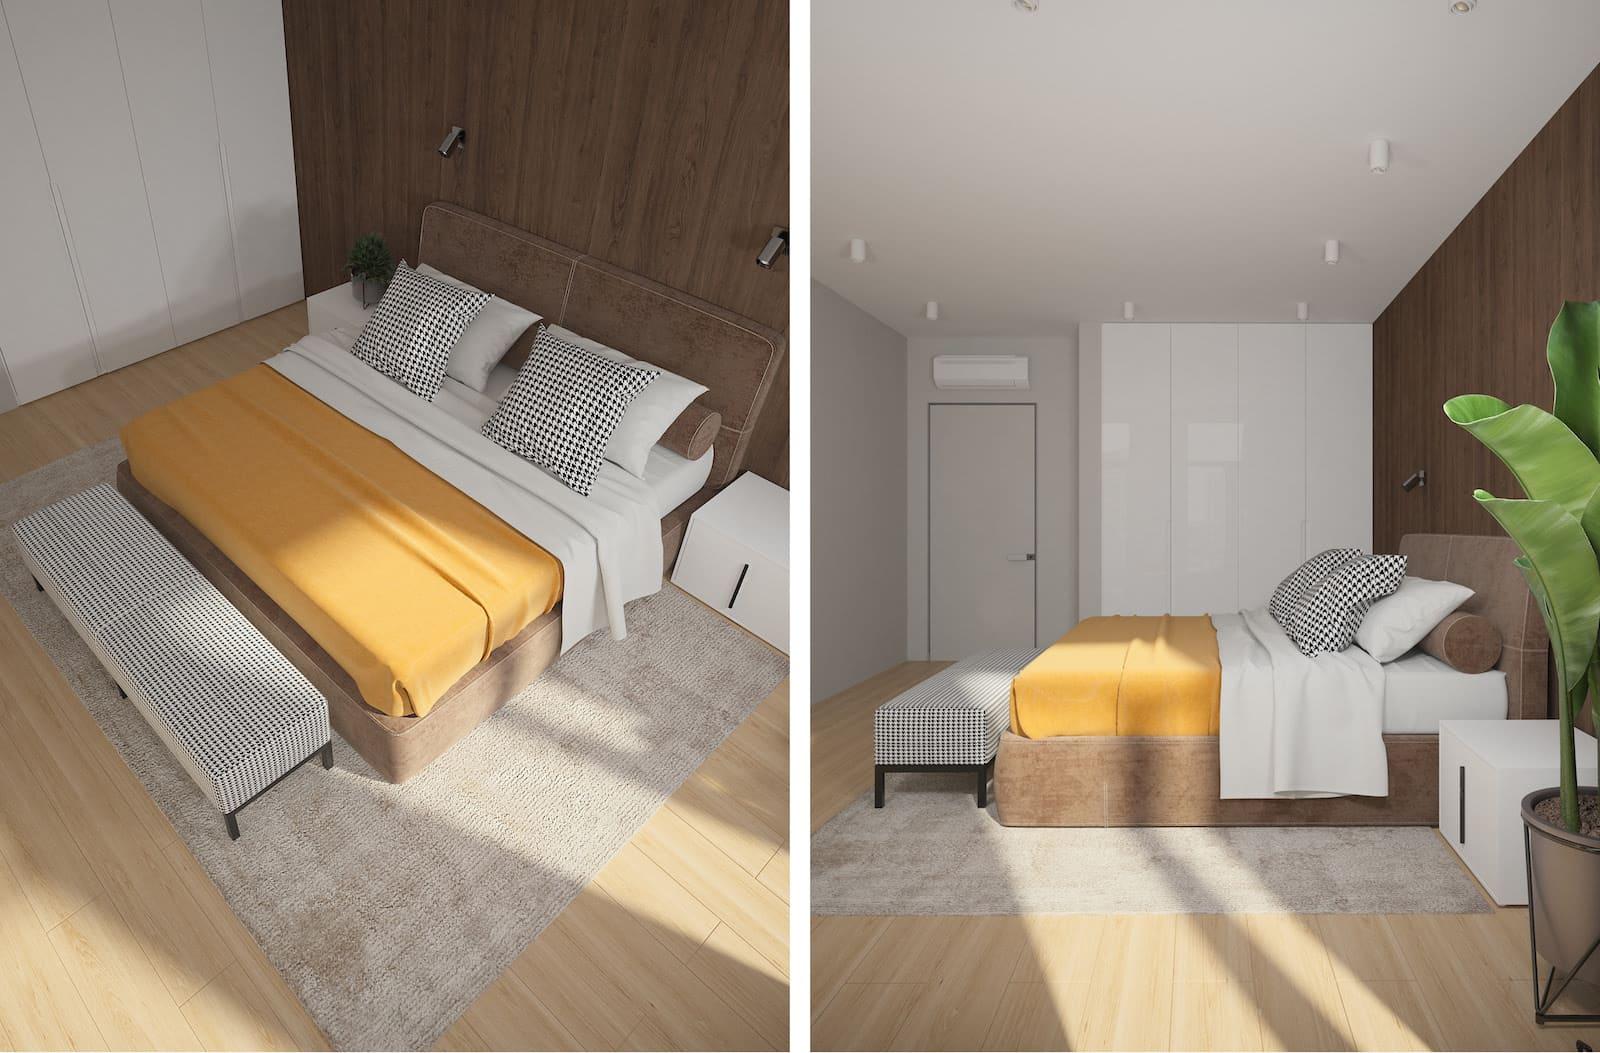 Conception d'un appartement à une chambre photo 11